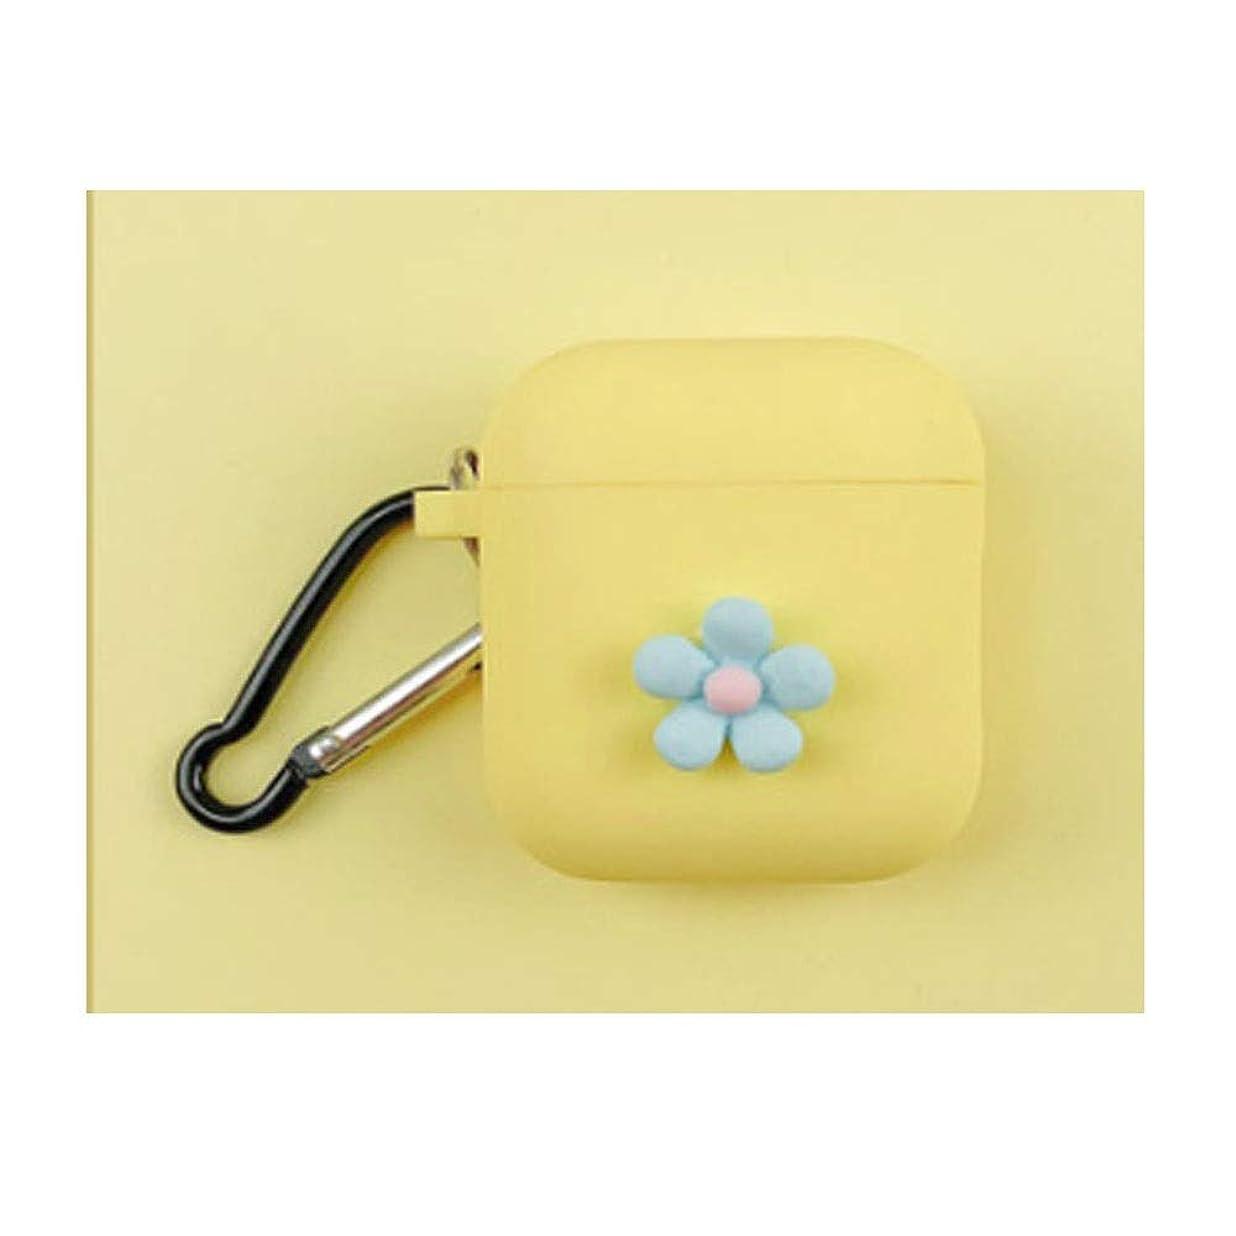 酒攻撃的ゲストJielongtongxun ヘッドホンセット - シンプルで素朴なデザインスタイル、ワイヤレスイヤホンセット、防滴性と耐久性、美しい贈り物(青、ピンク、紫、白、黄色) シンプルで美しい (Color : Yellow)